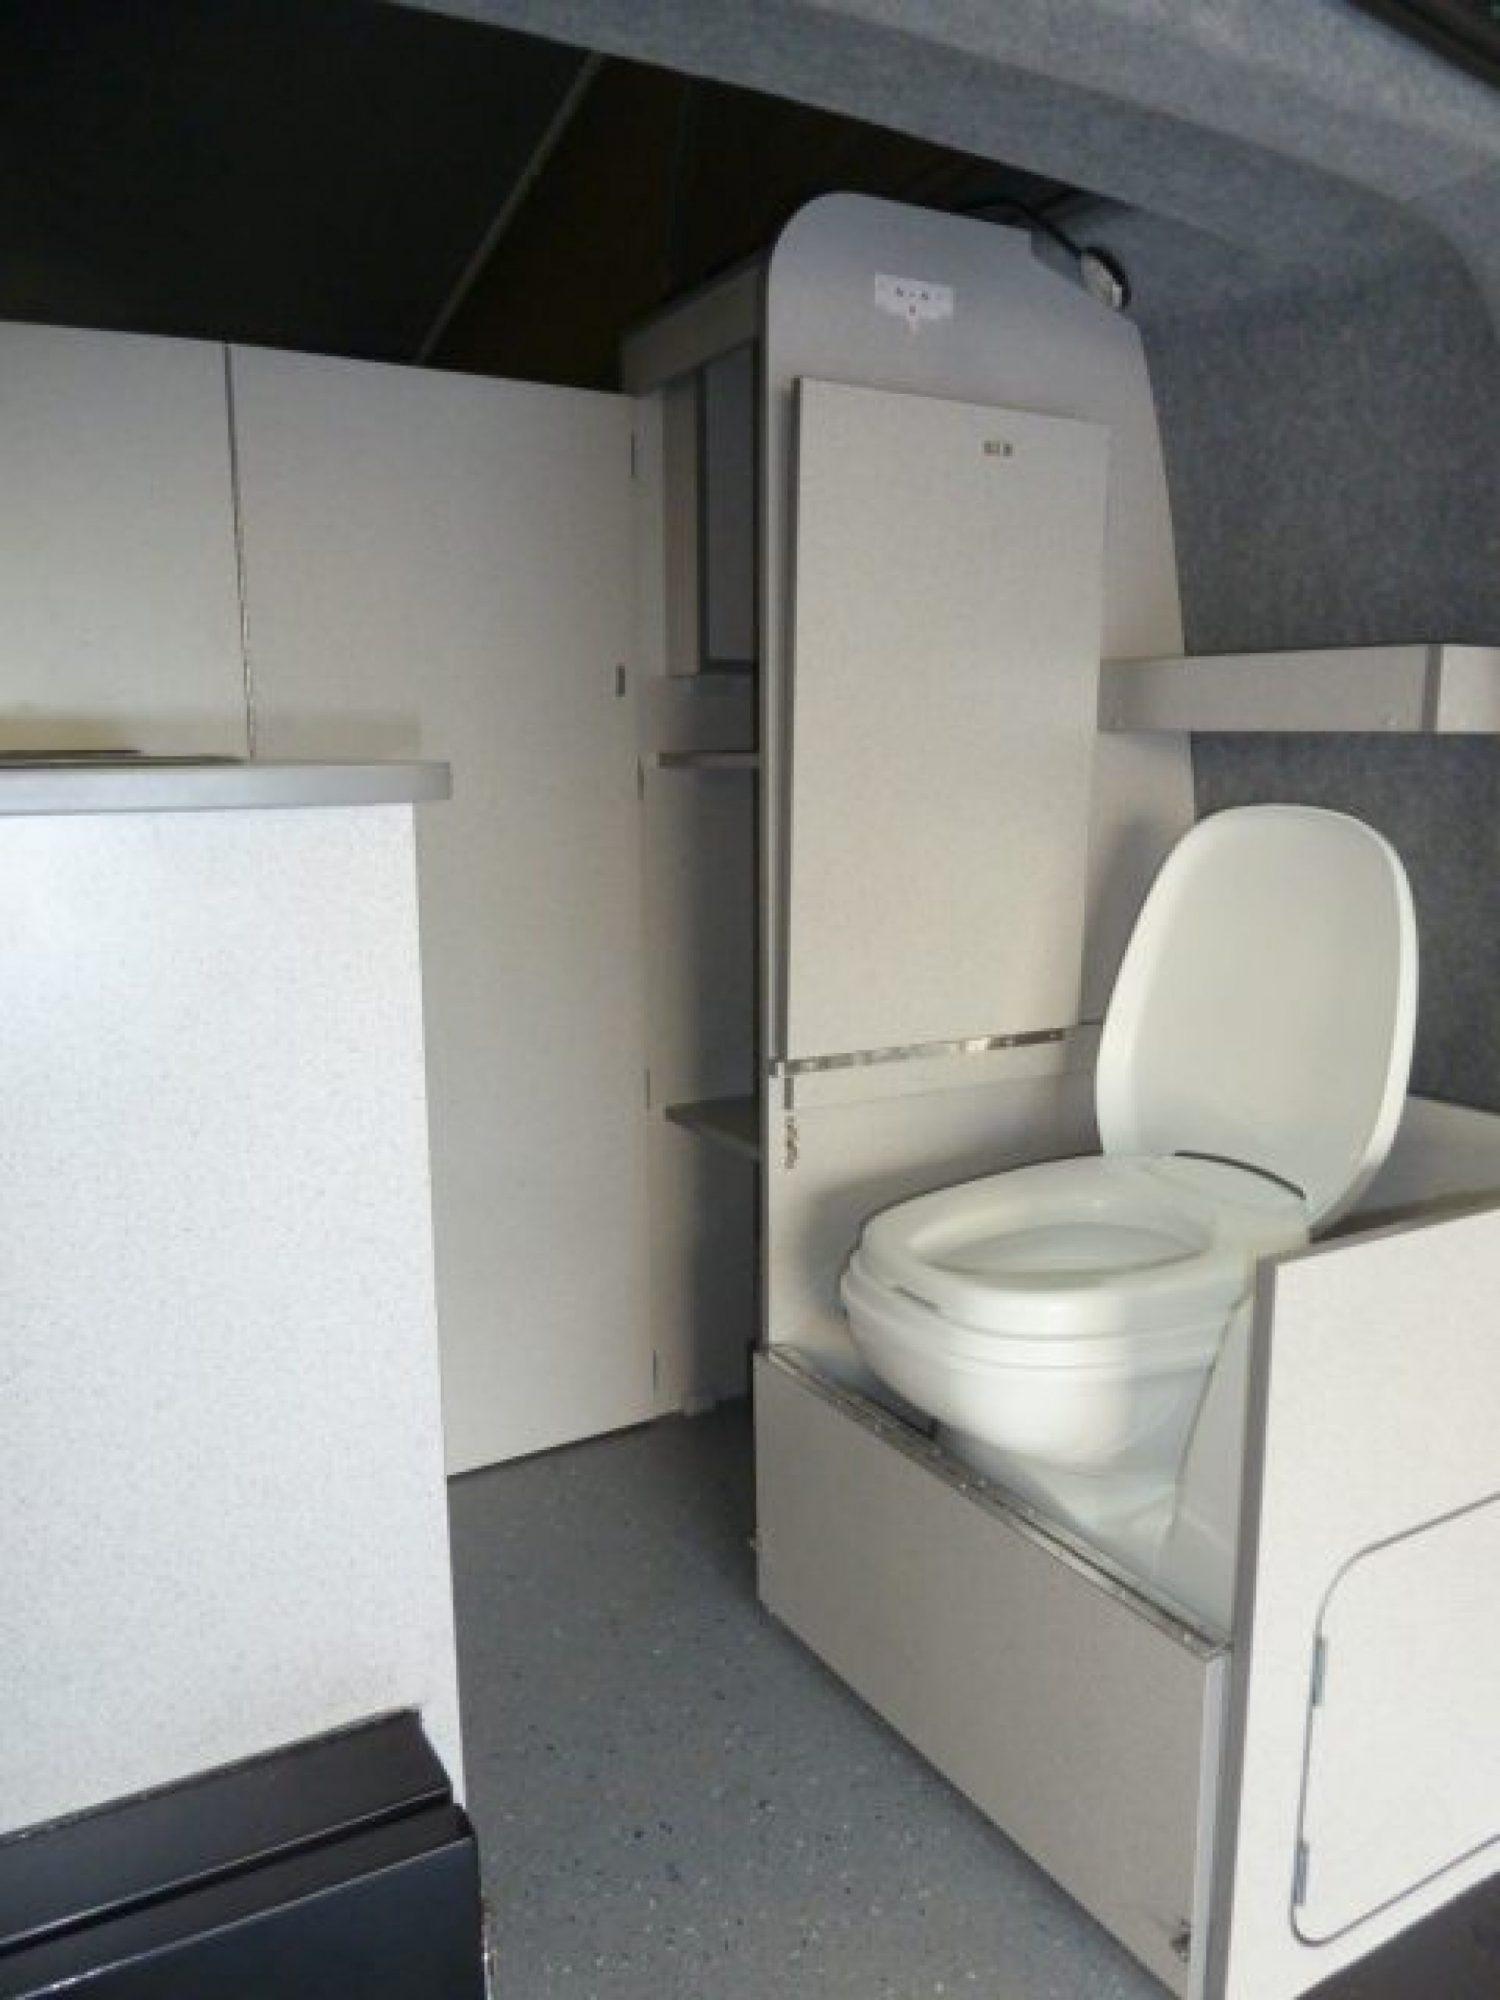 vw t6 long wheelbase camper sanna by jerba campervans. Black Bedroom Furniture Sets. Home Design Ideas